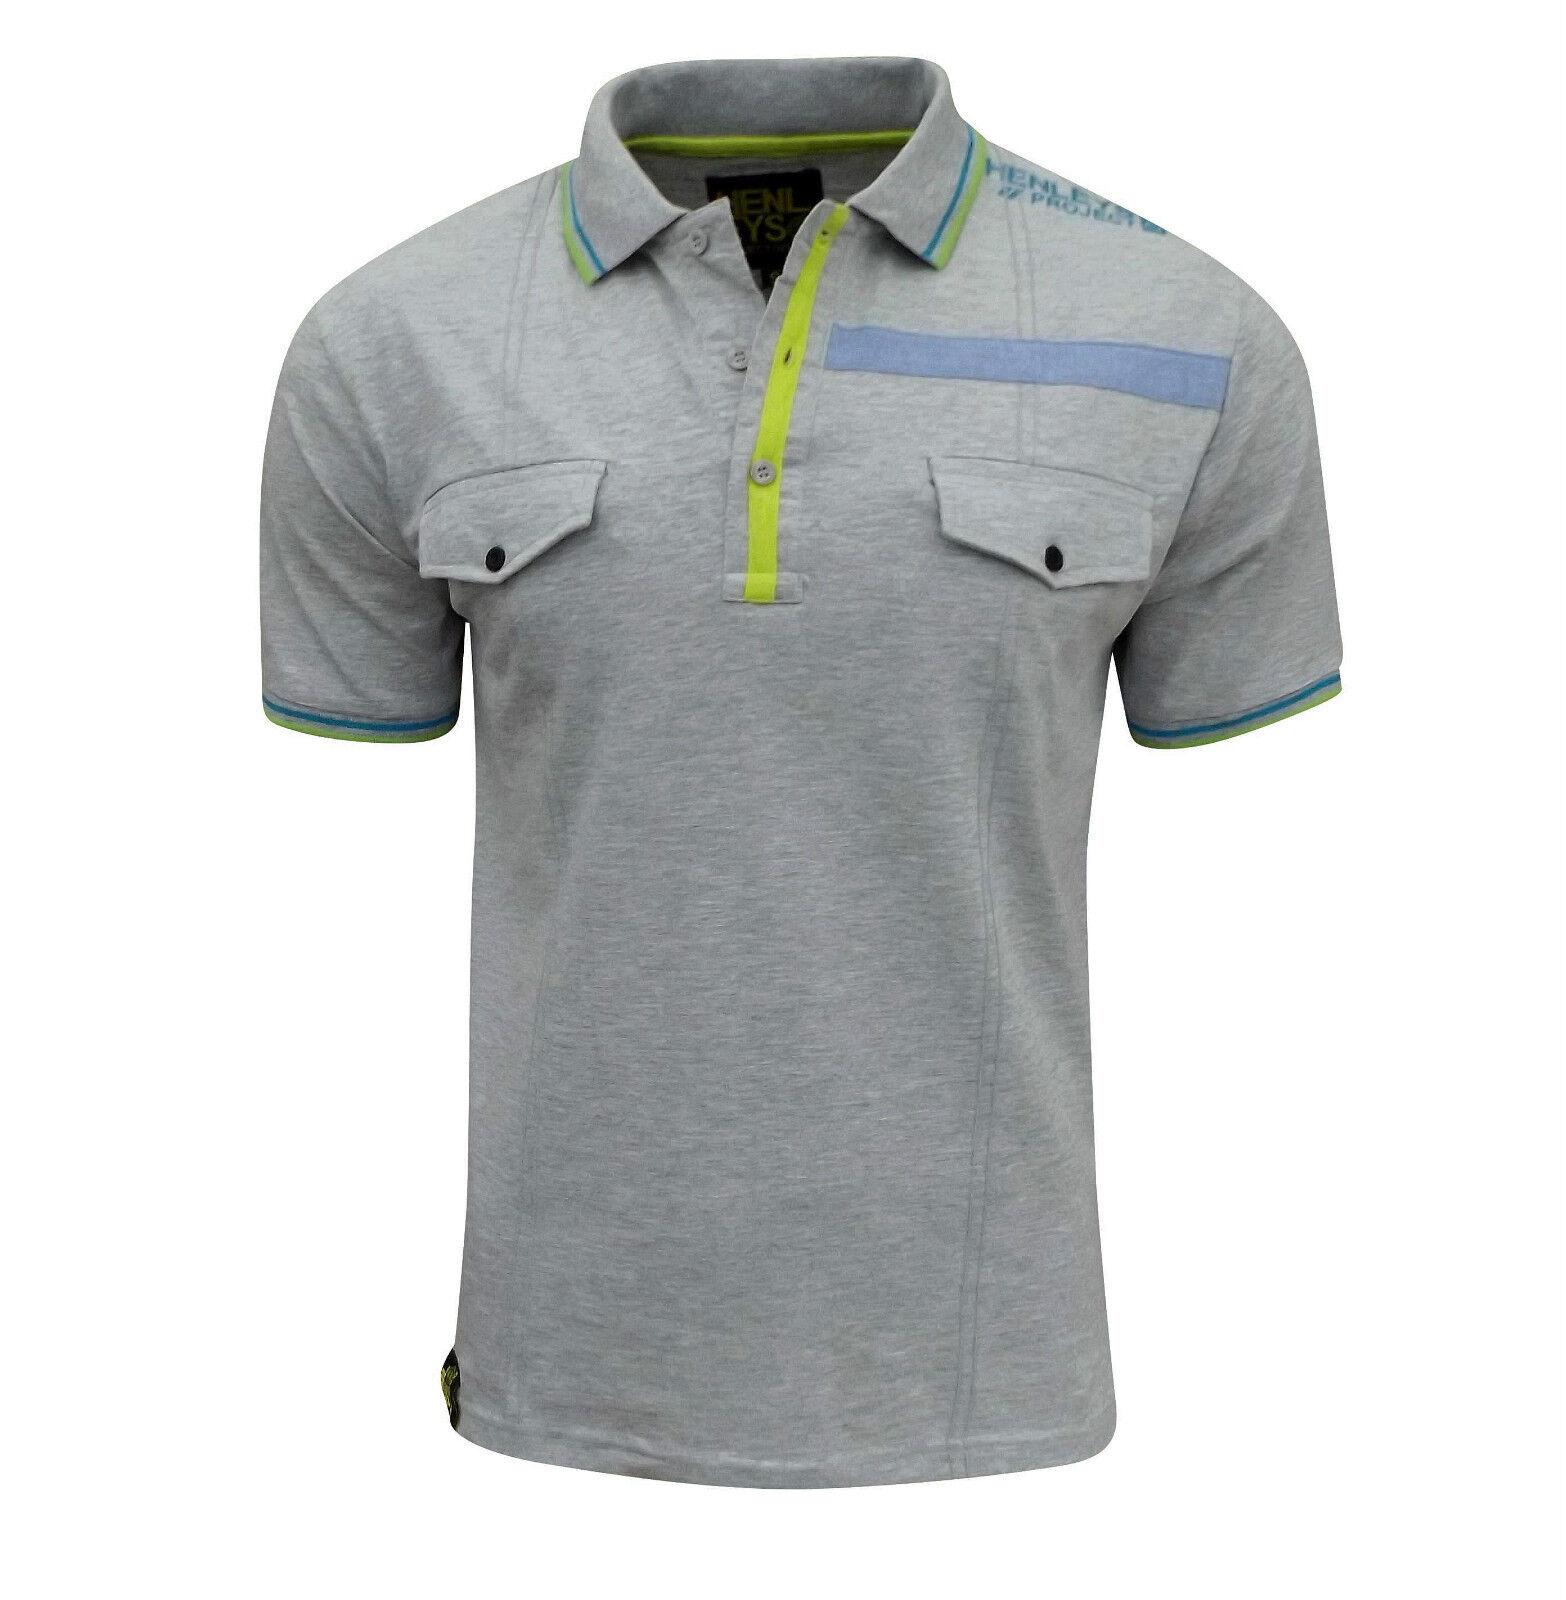 Henleys Plus Polo La Hommes Gris T De Régulier Taille Visite Shirt rnSCrxgPT